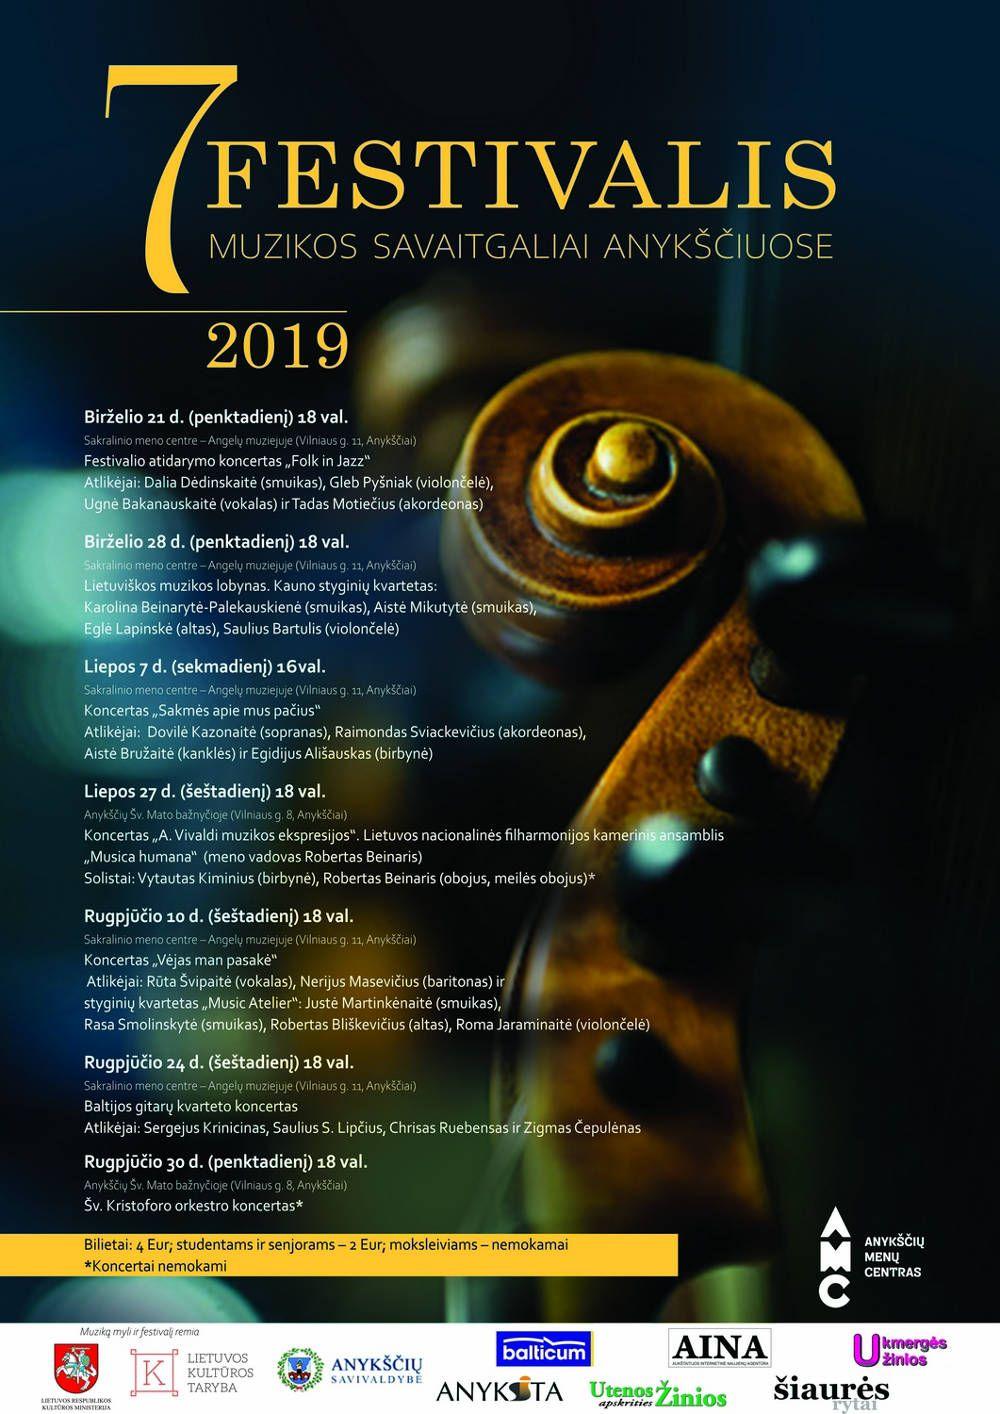 """Festivalis """"Muzikos savaitgaliai Anykščiuose"""" (2019) / Šv. Kristoforo orkestro koncertas"""